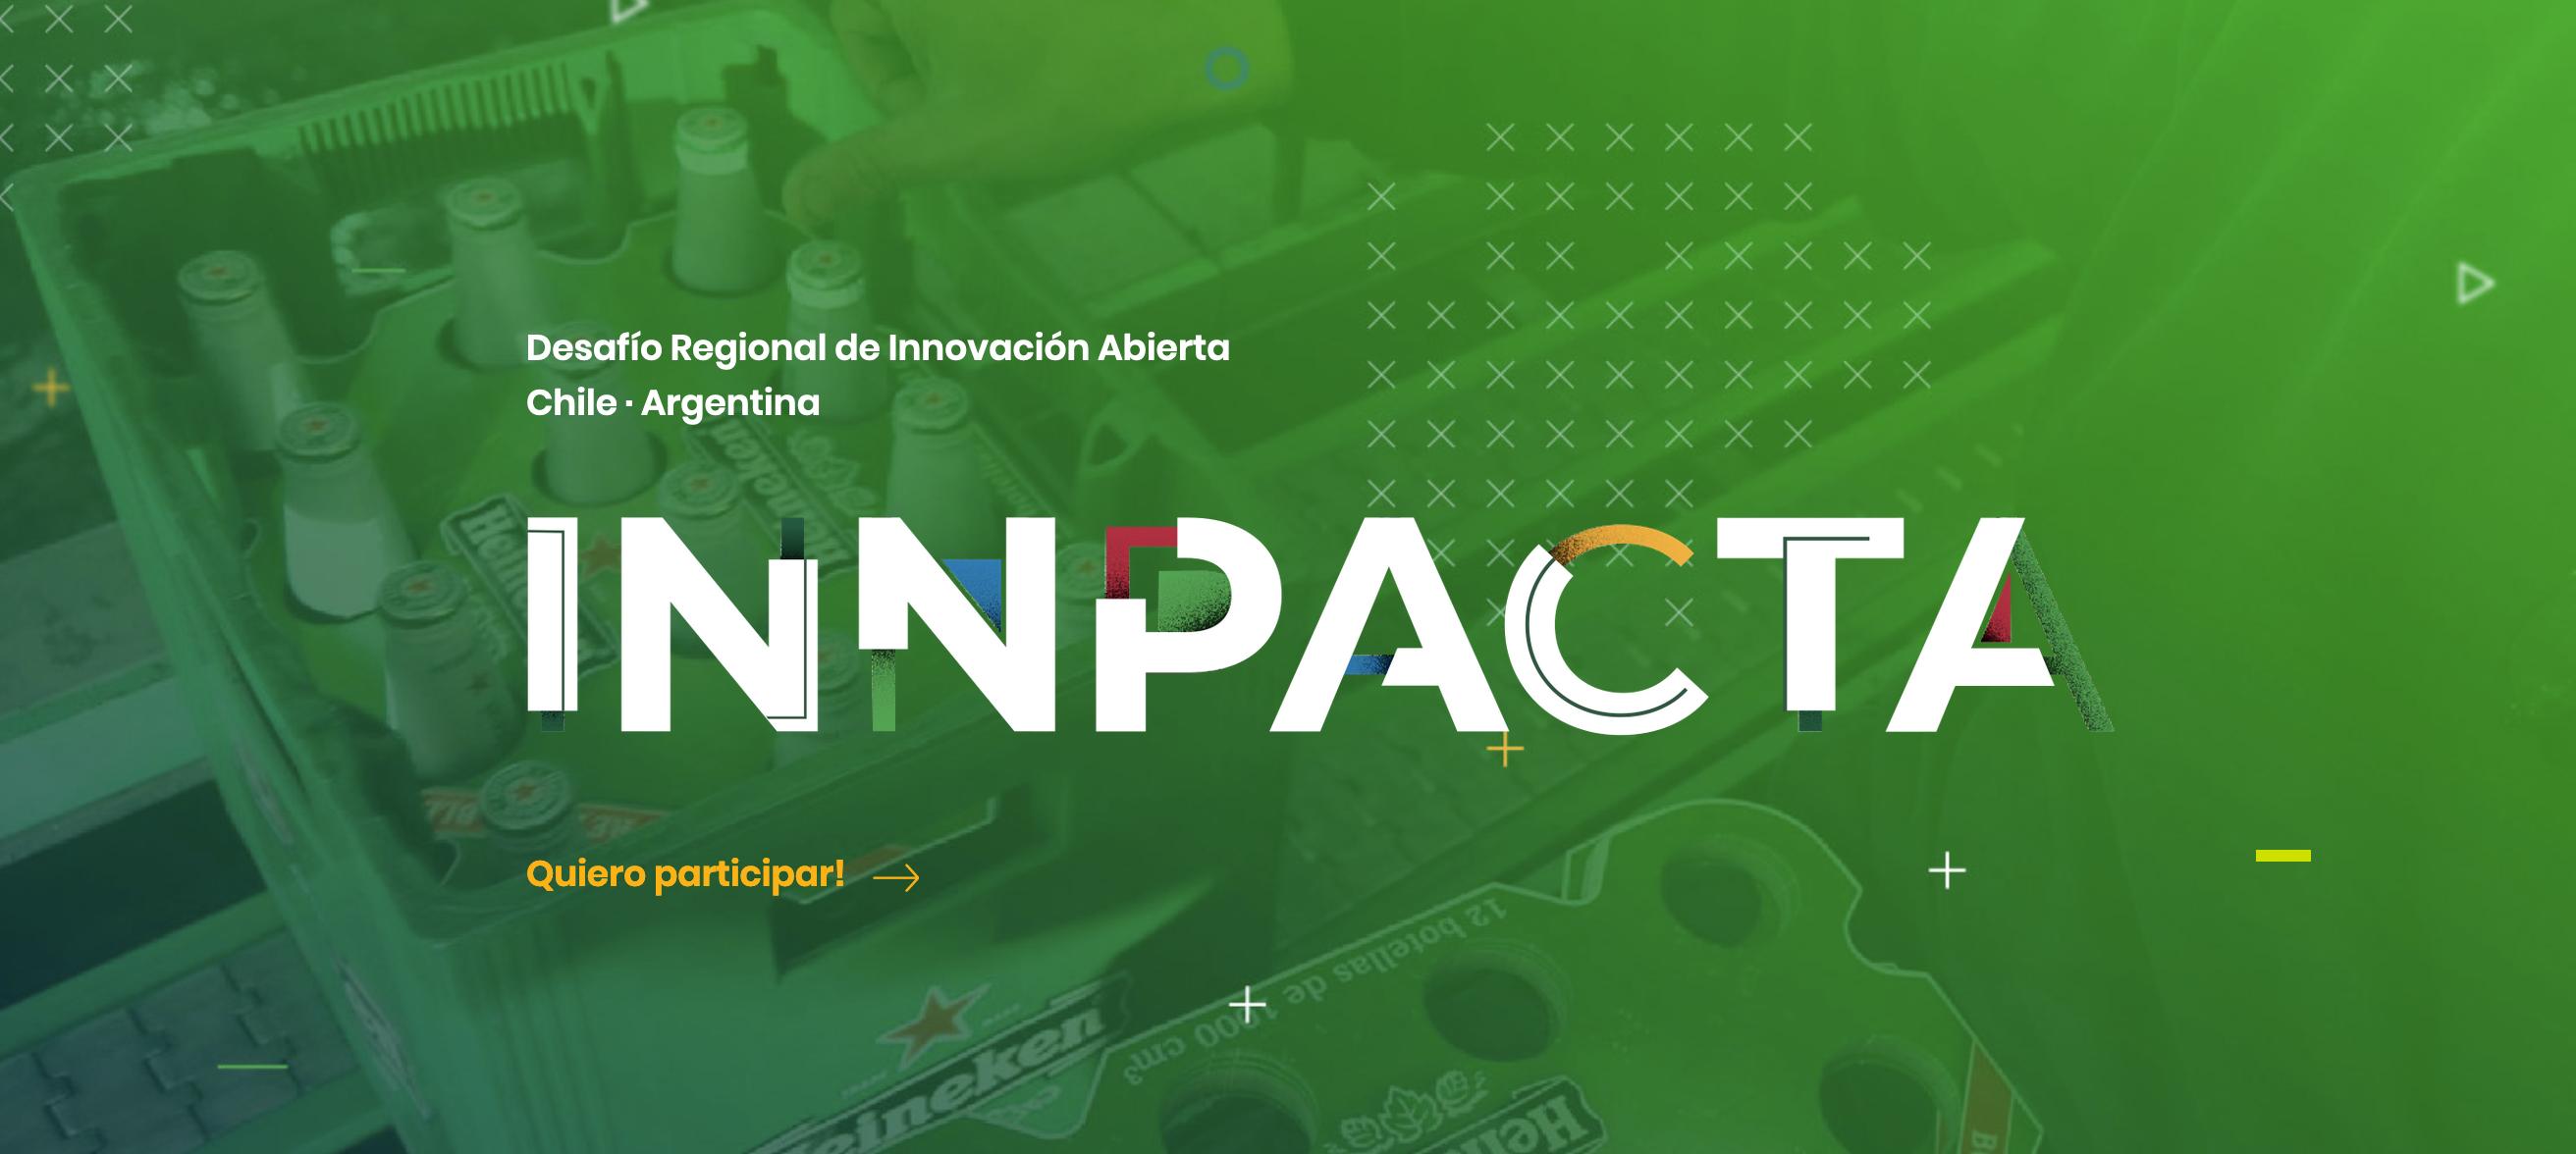 Innpacta – CCU – Concurso regional de innovación